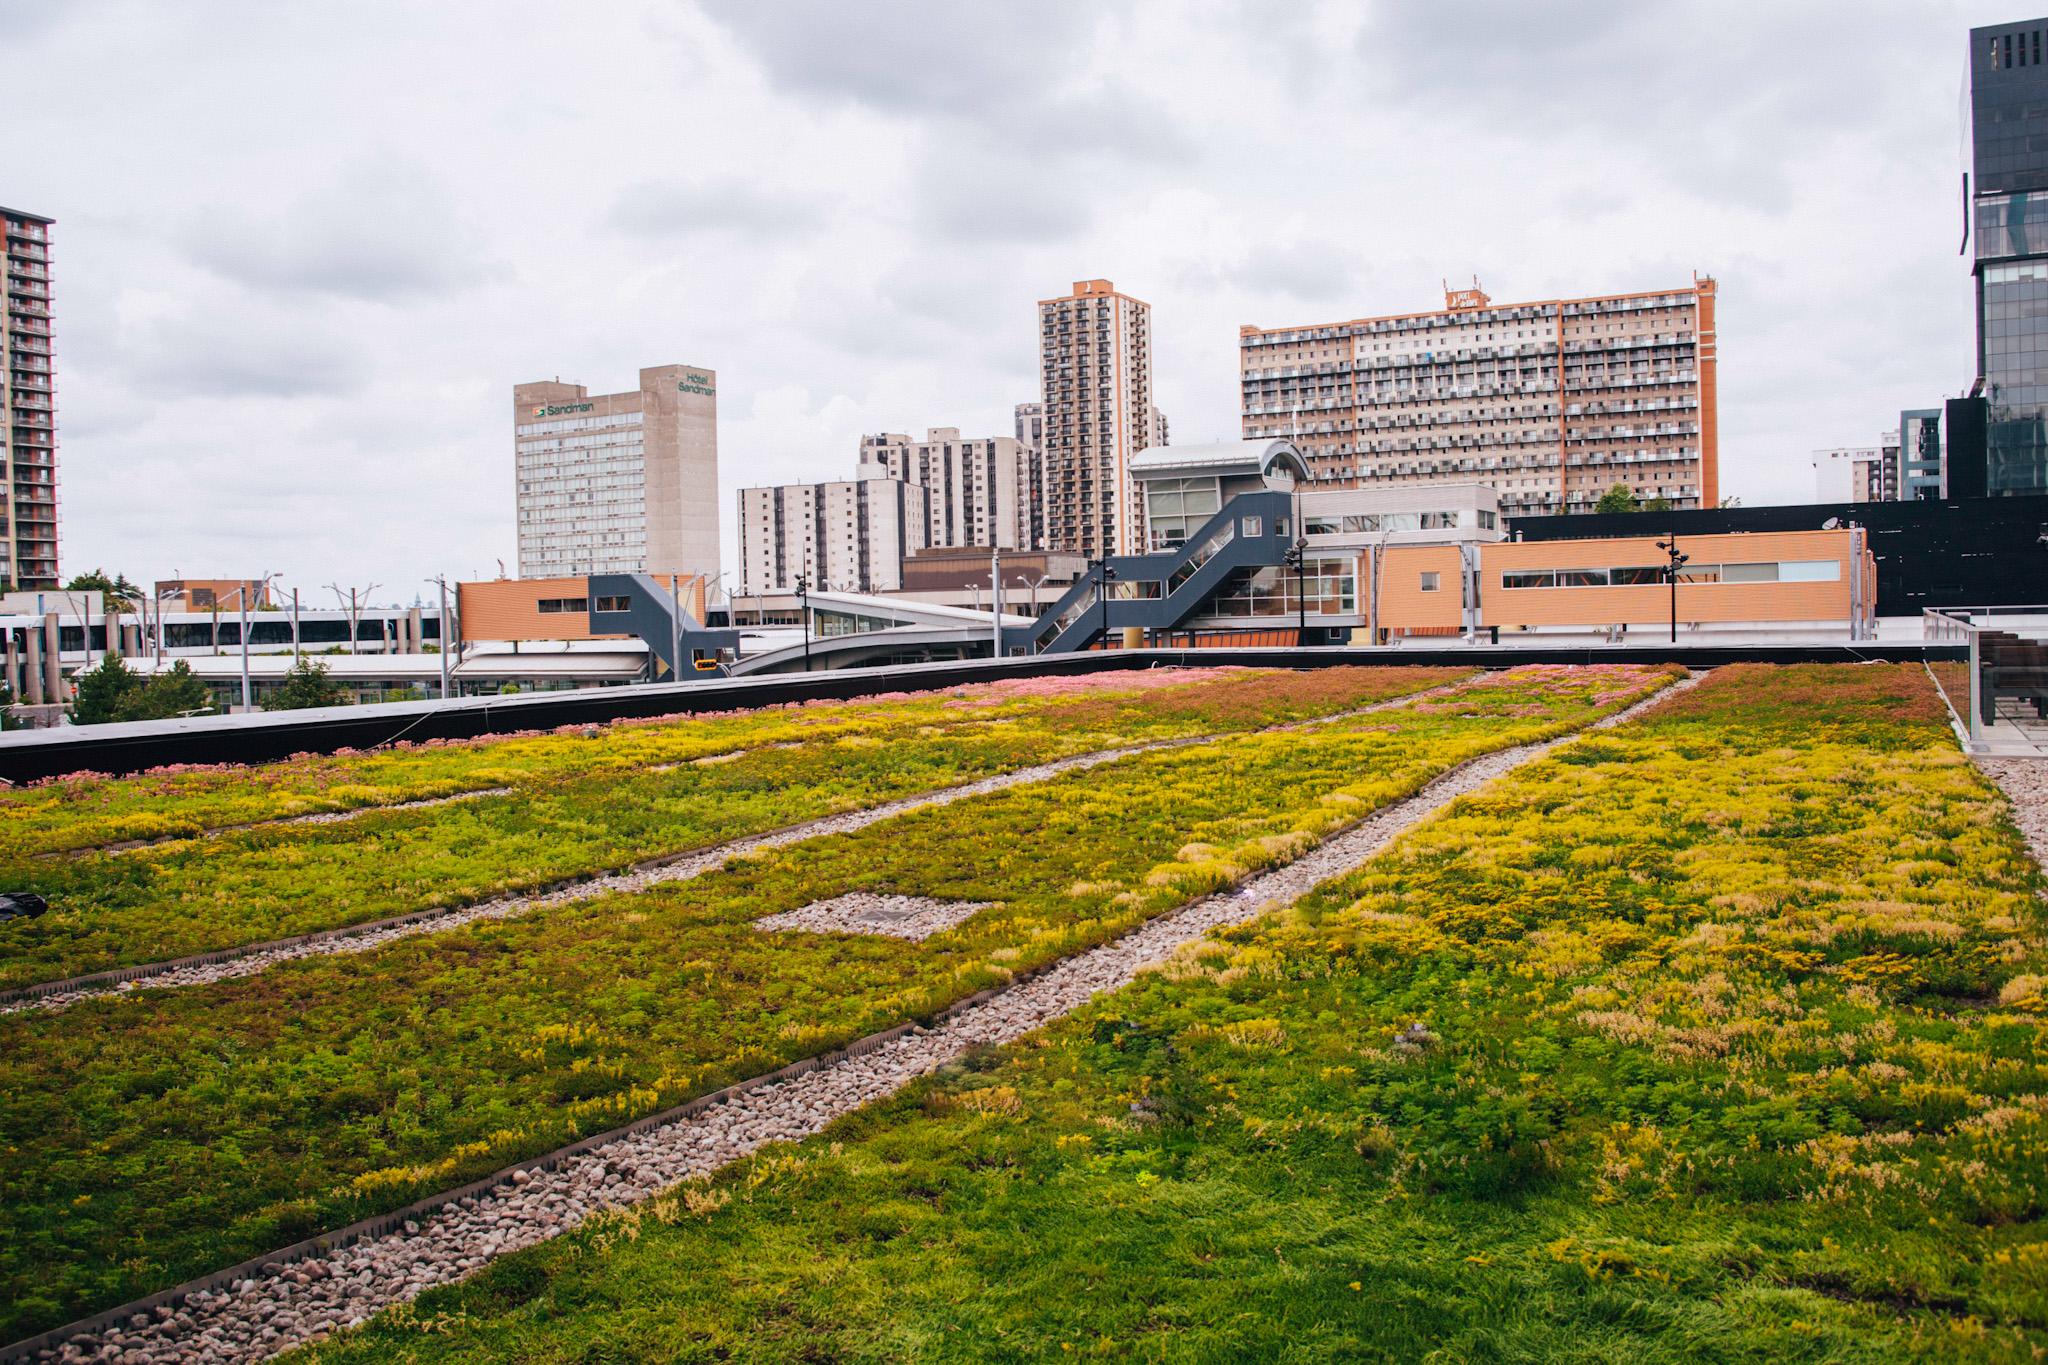 Toiture végétale - toit terrasse - Tour SSQ - Longueuil - La ligne verte (12)